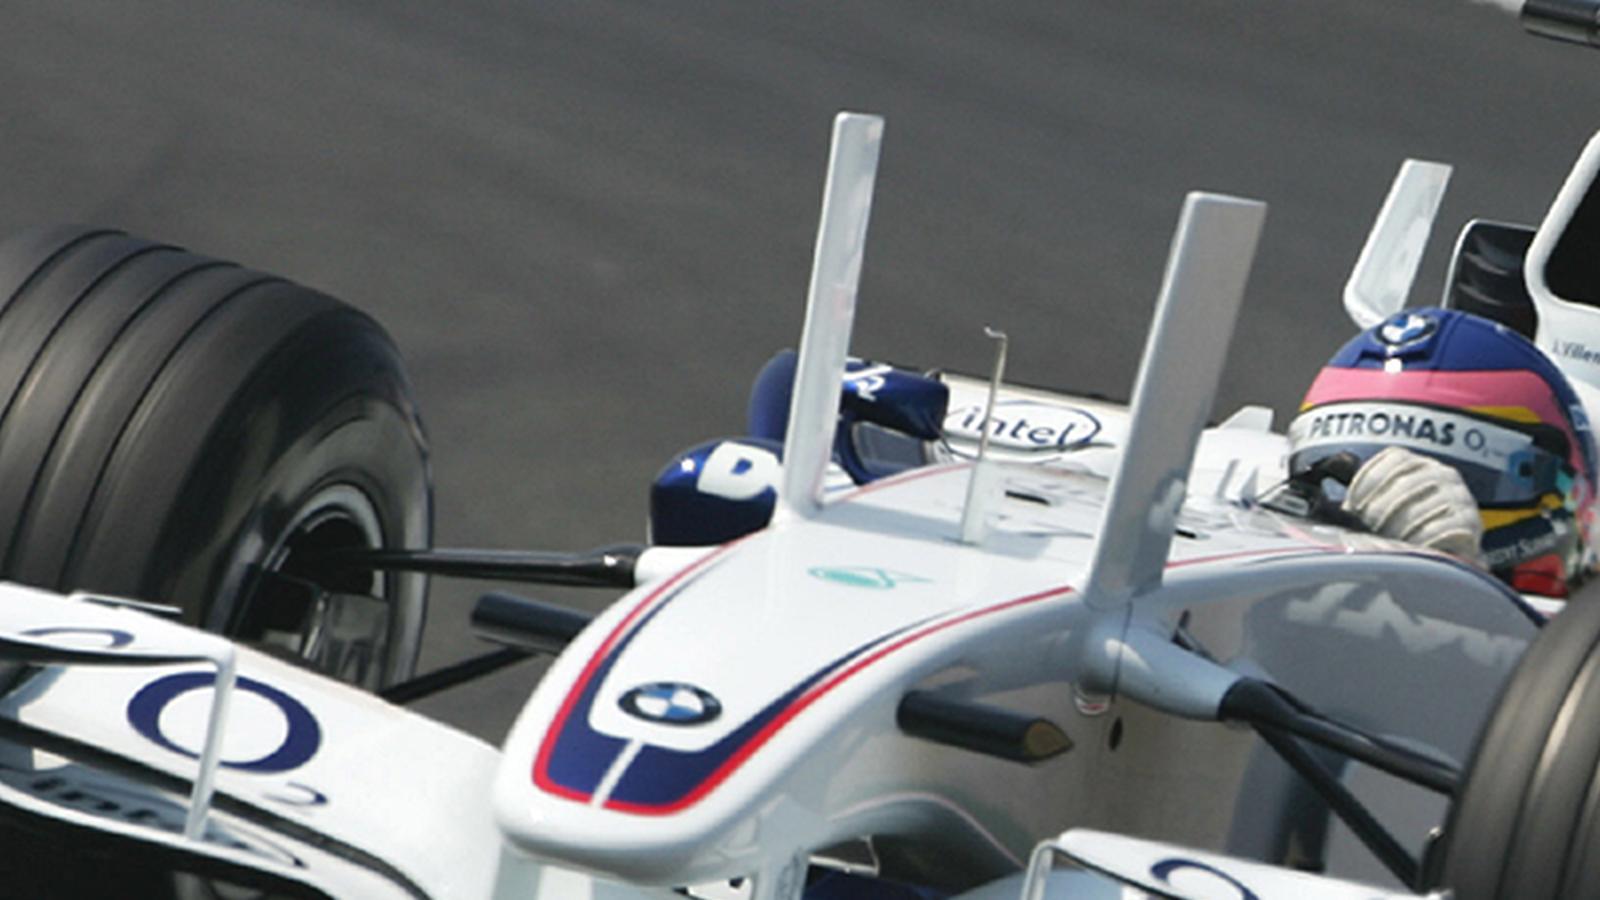 & BMW fin fever spreads - Formula 1 - Eurosport